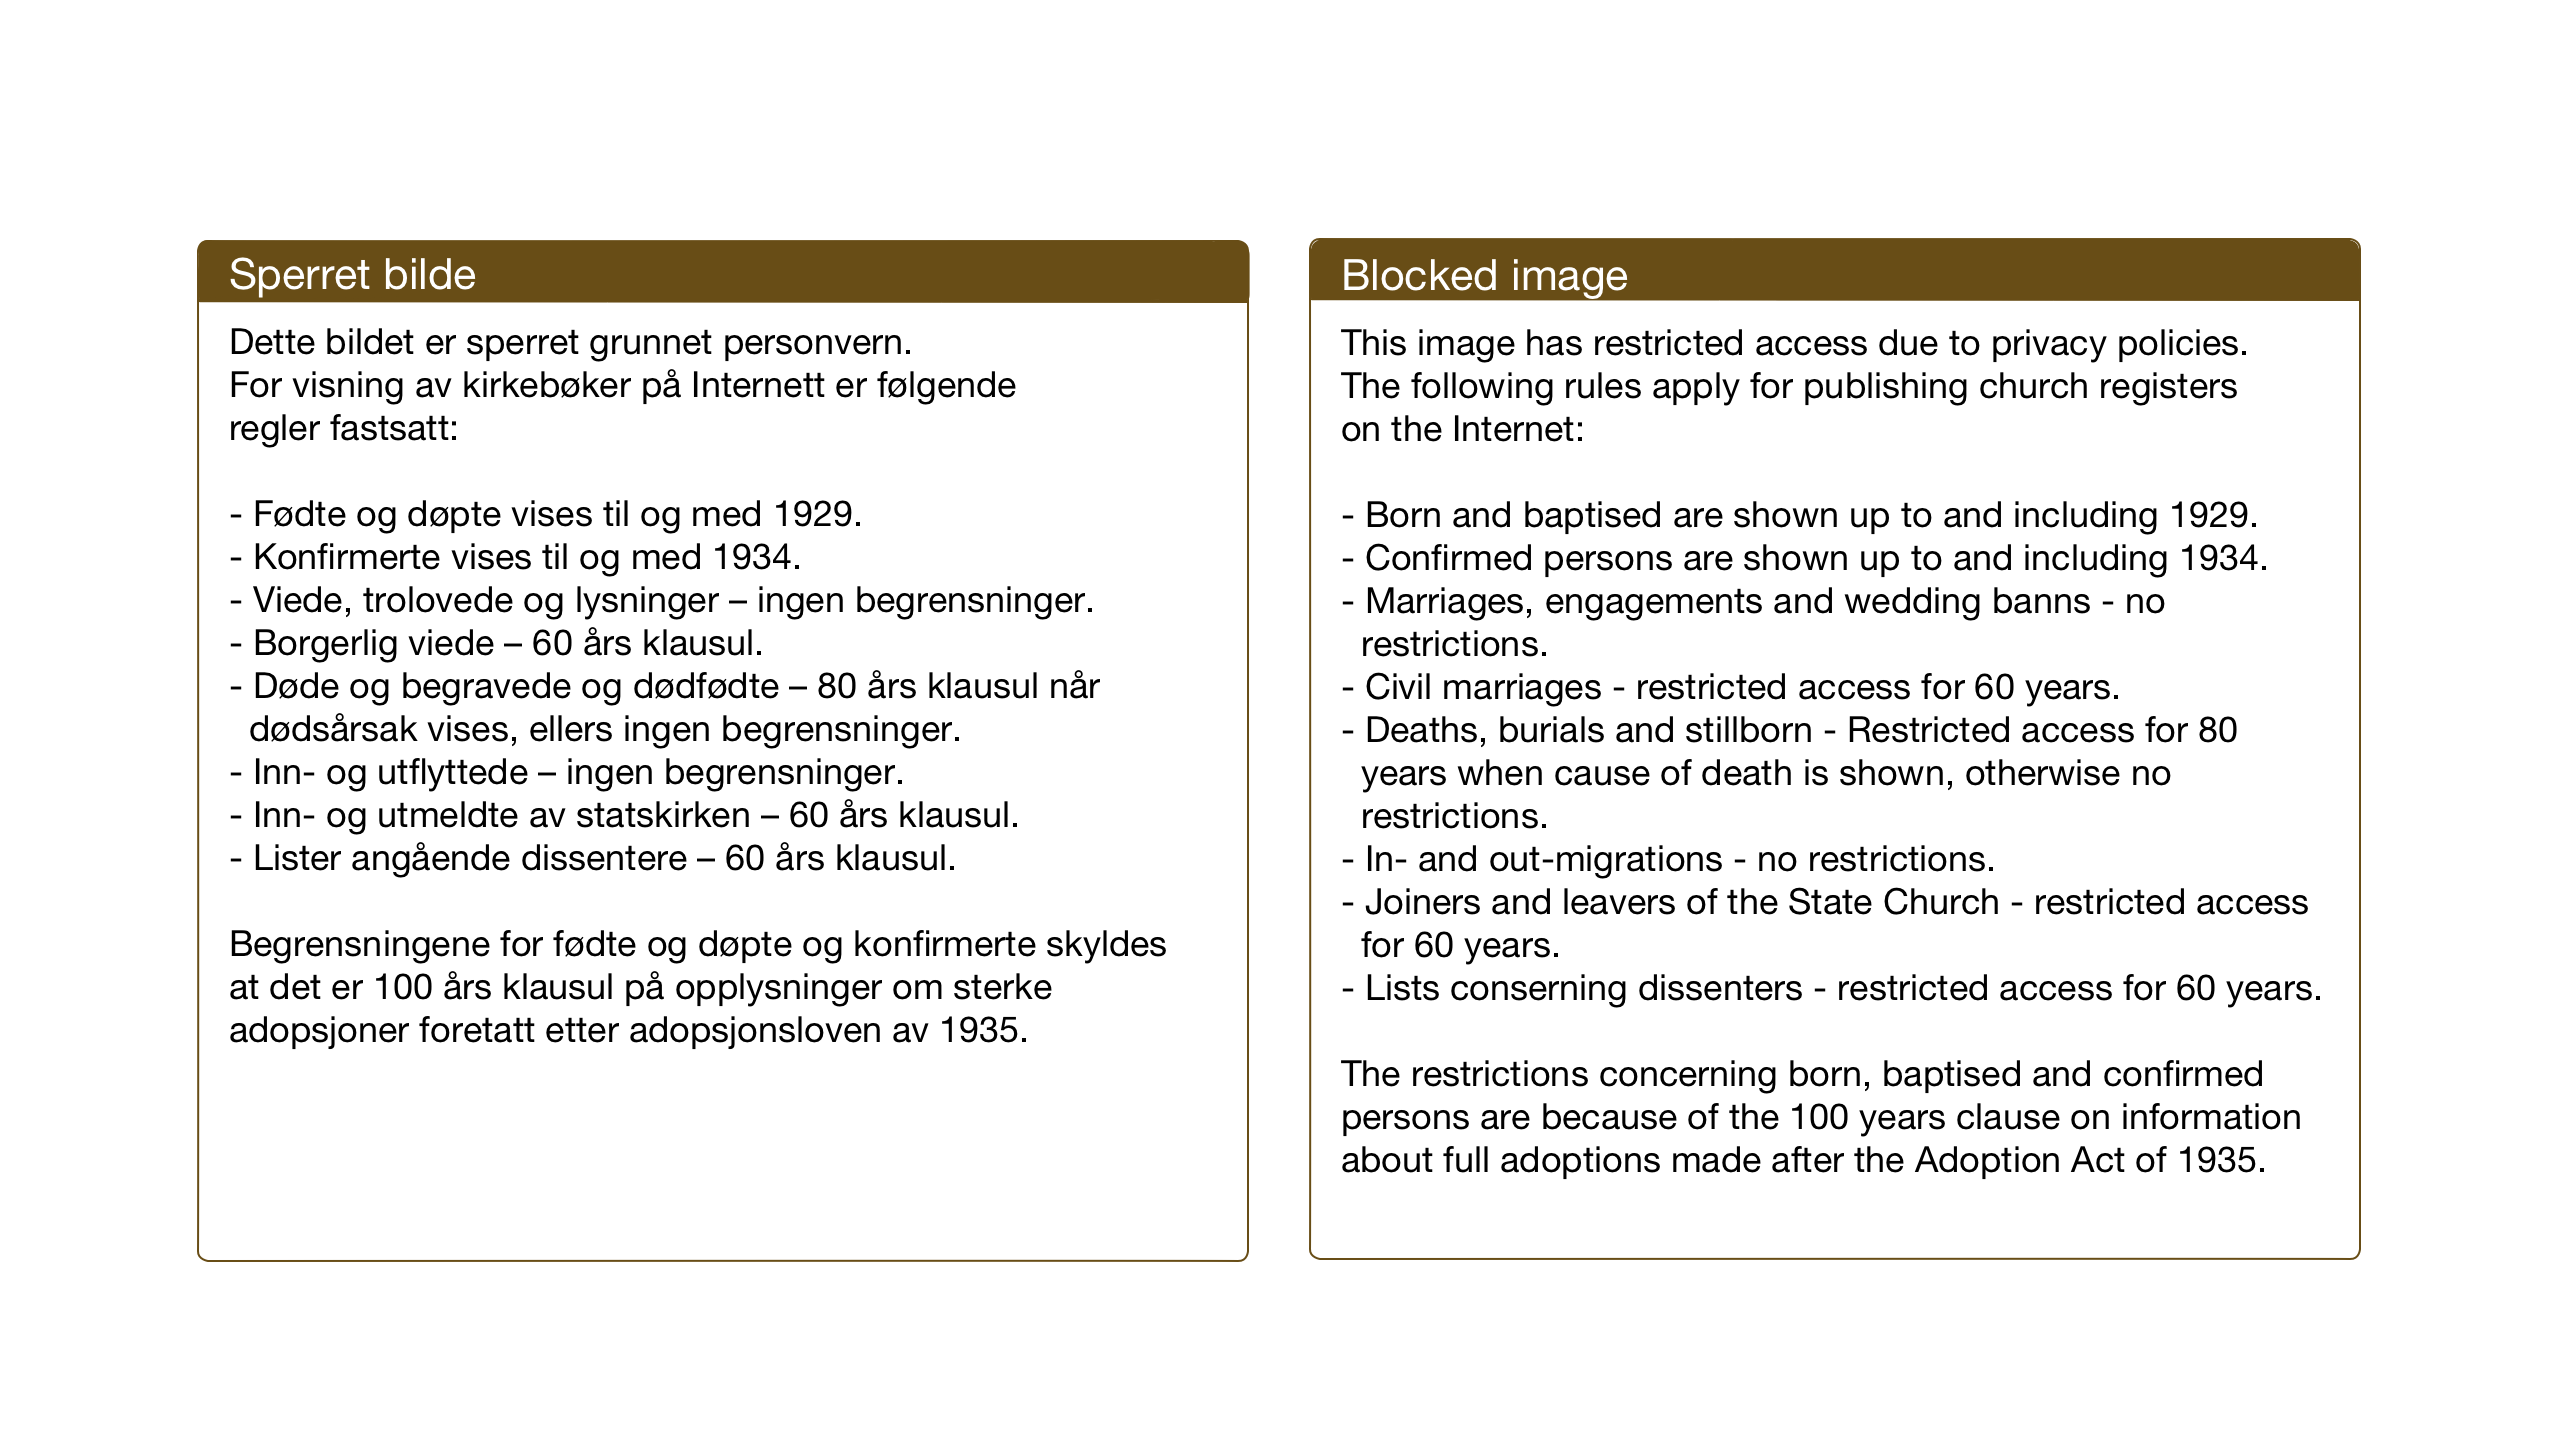 SAT, Ministerialprotokoller, klokkerbøker og fødselsregistre - Sør-Trøndelag, 681/L0943: Klokkerbok nr. 681C07, 1926-1954, s. 160